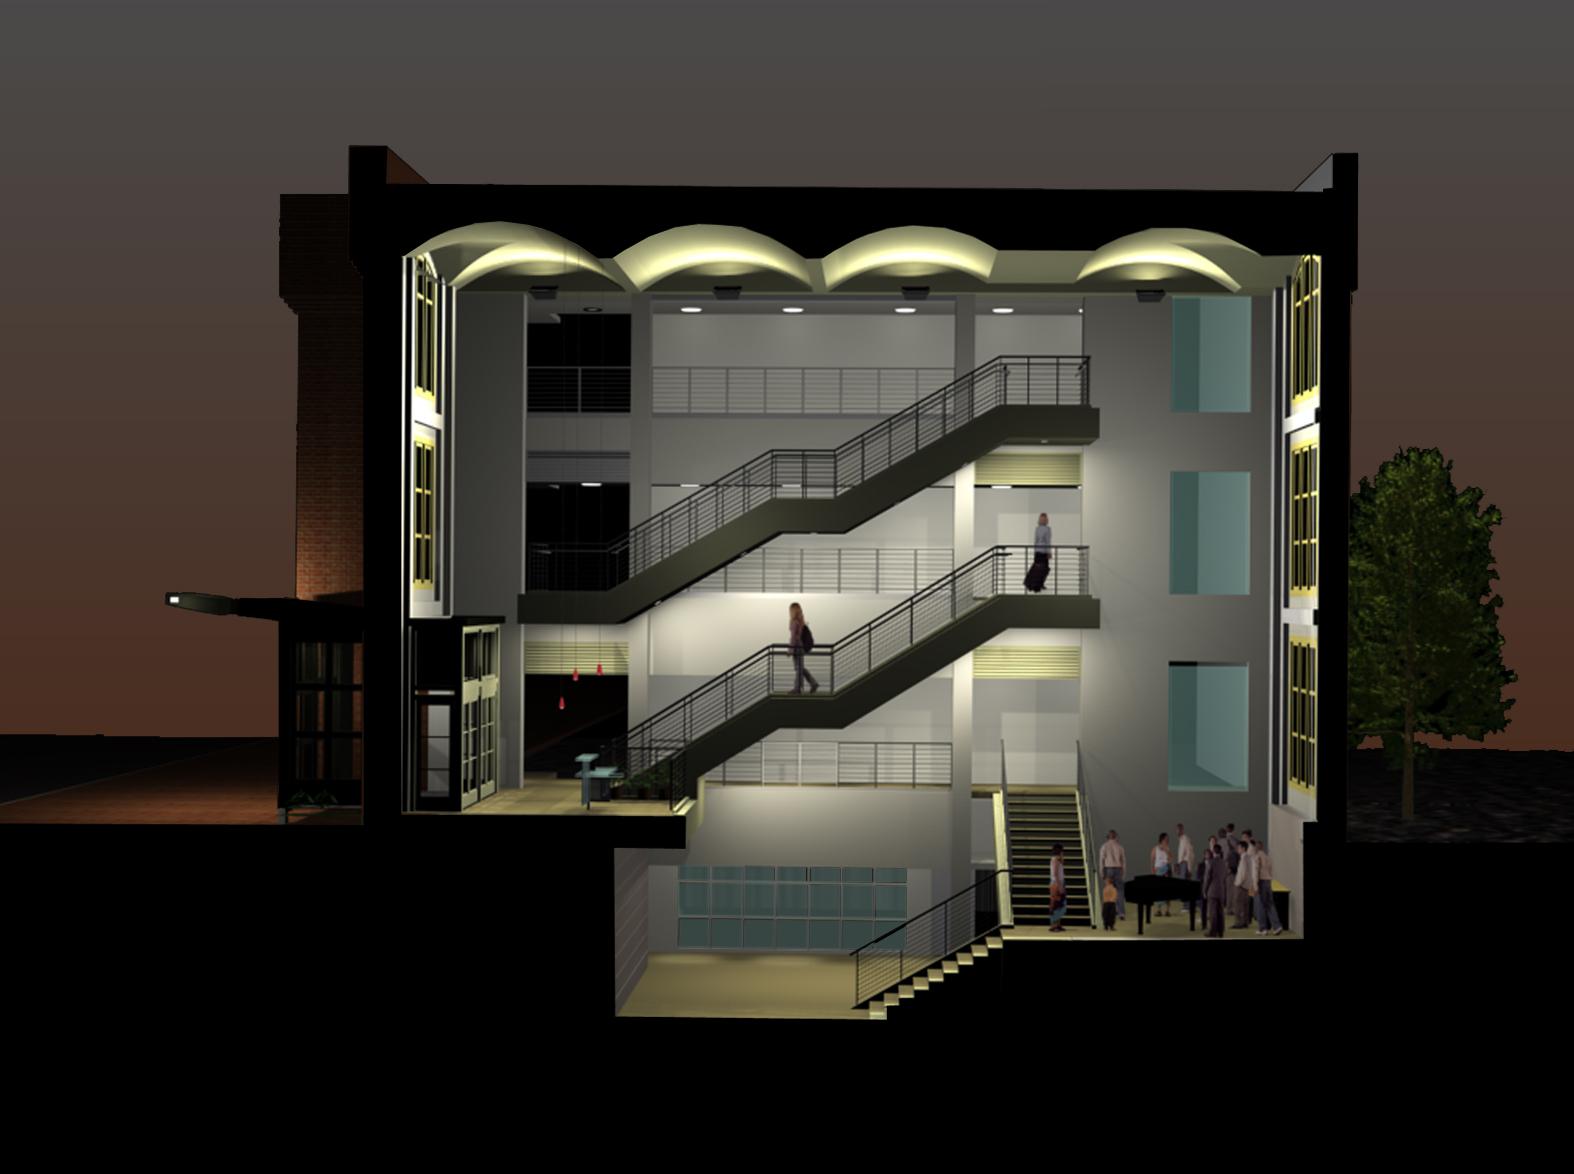 sect-atrium-200ppi-8x6.jpg